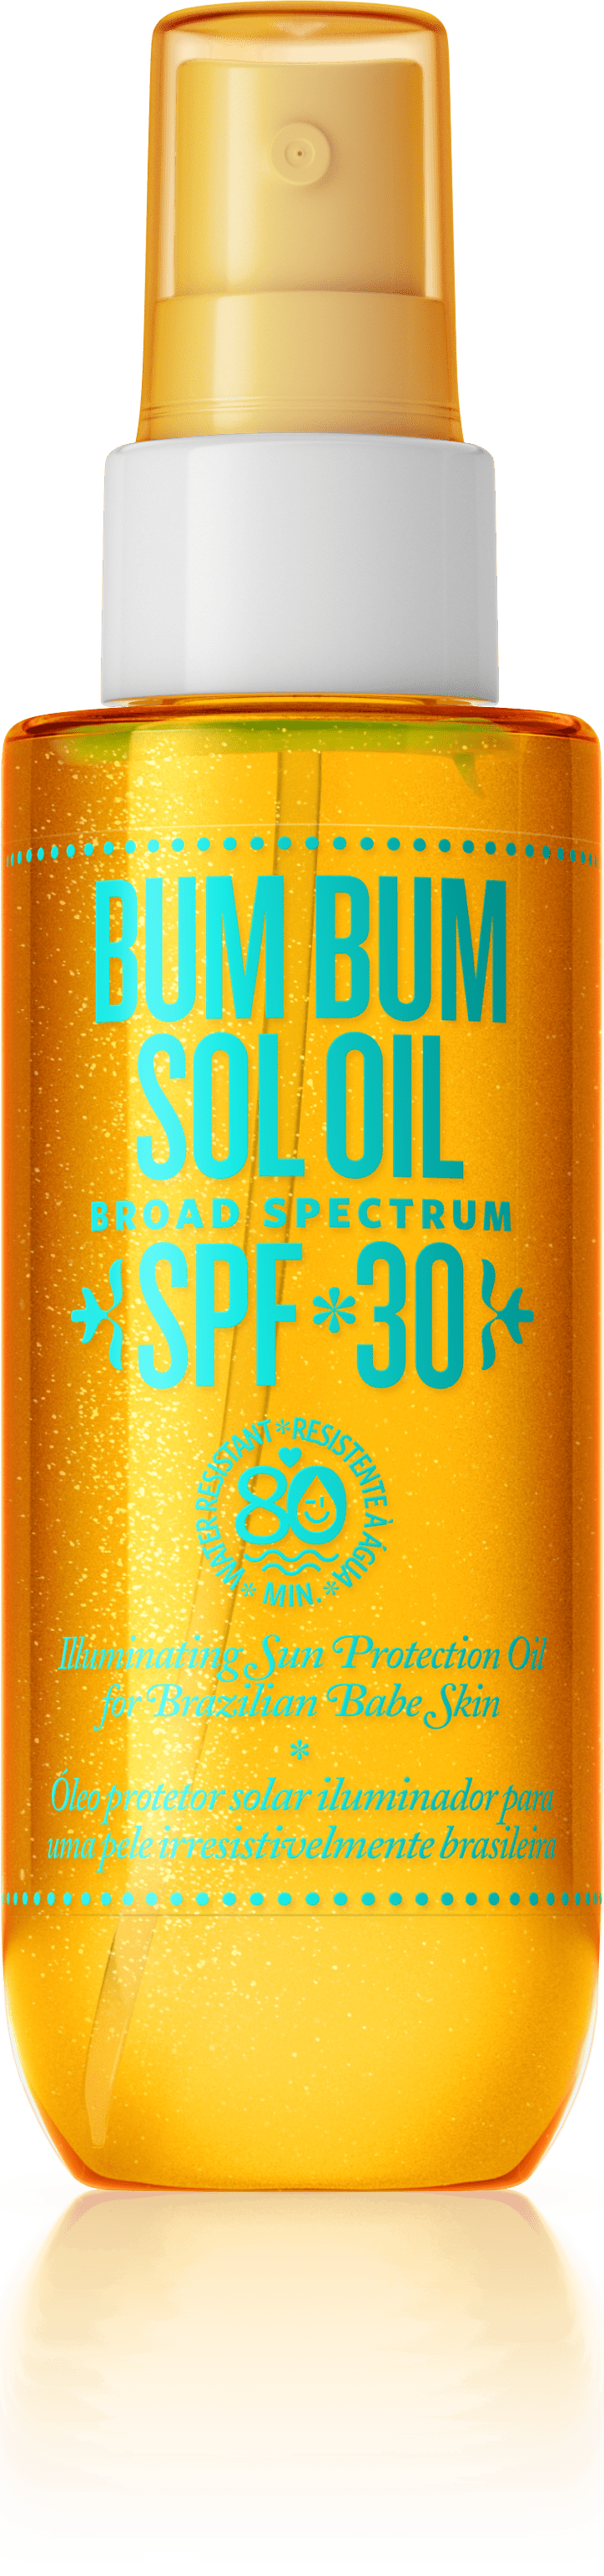 Bum Bum Sol Oil